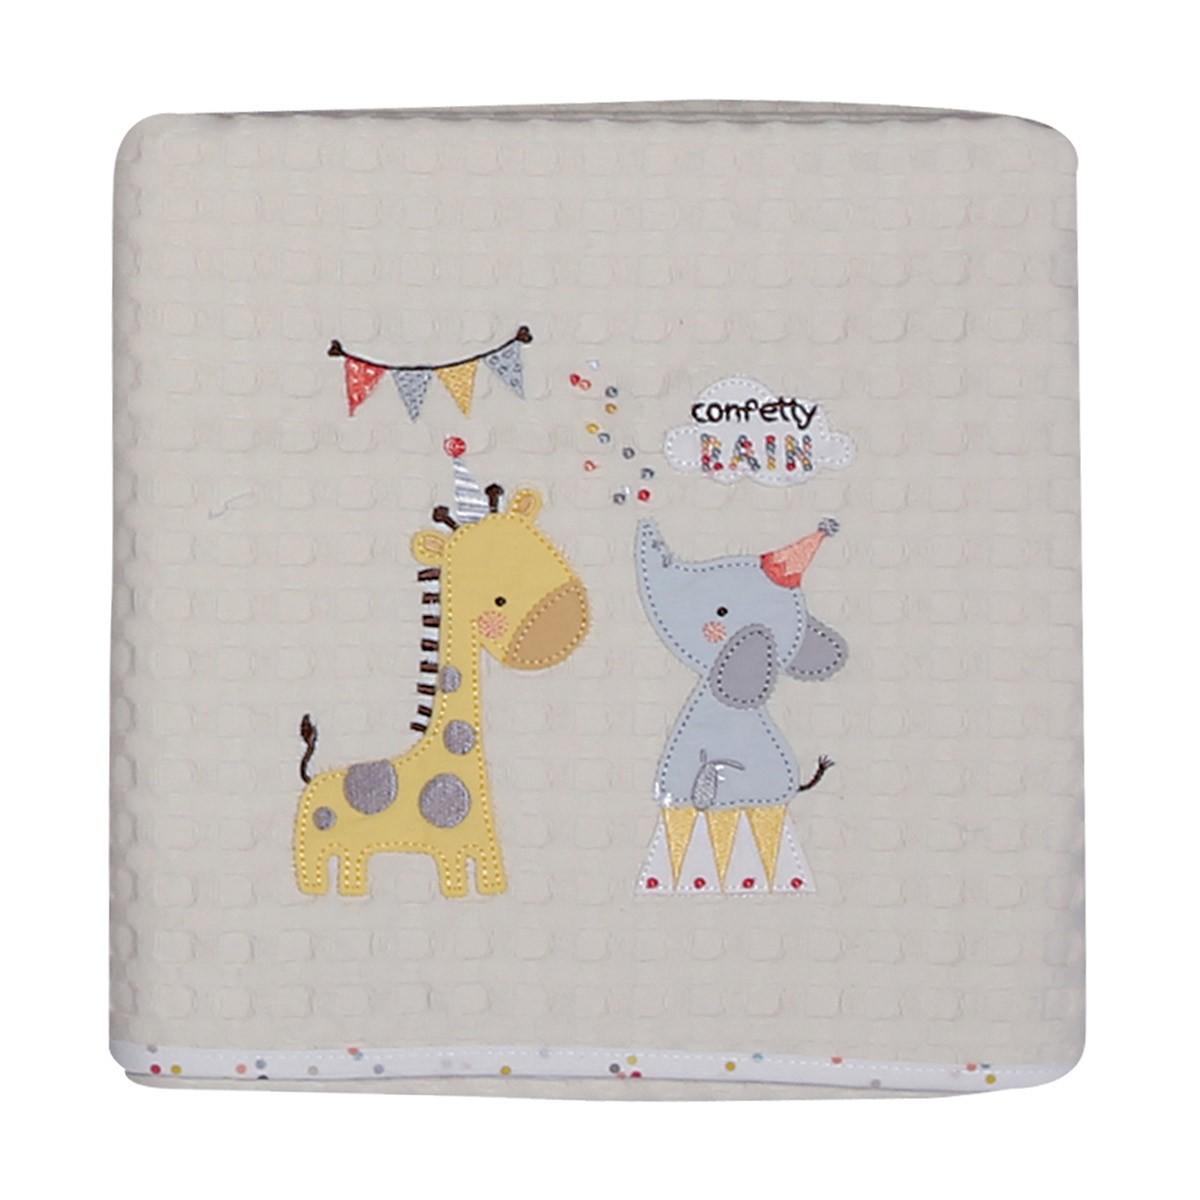 Κουβέρτα Πικέ Κούνιας Nef-Nef Baby Confetti Rain